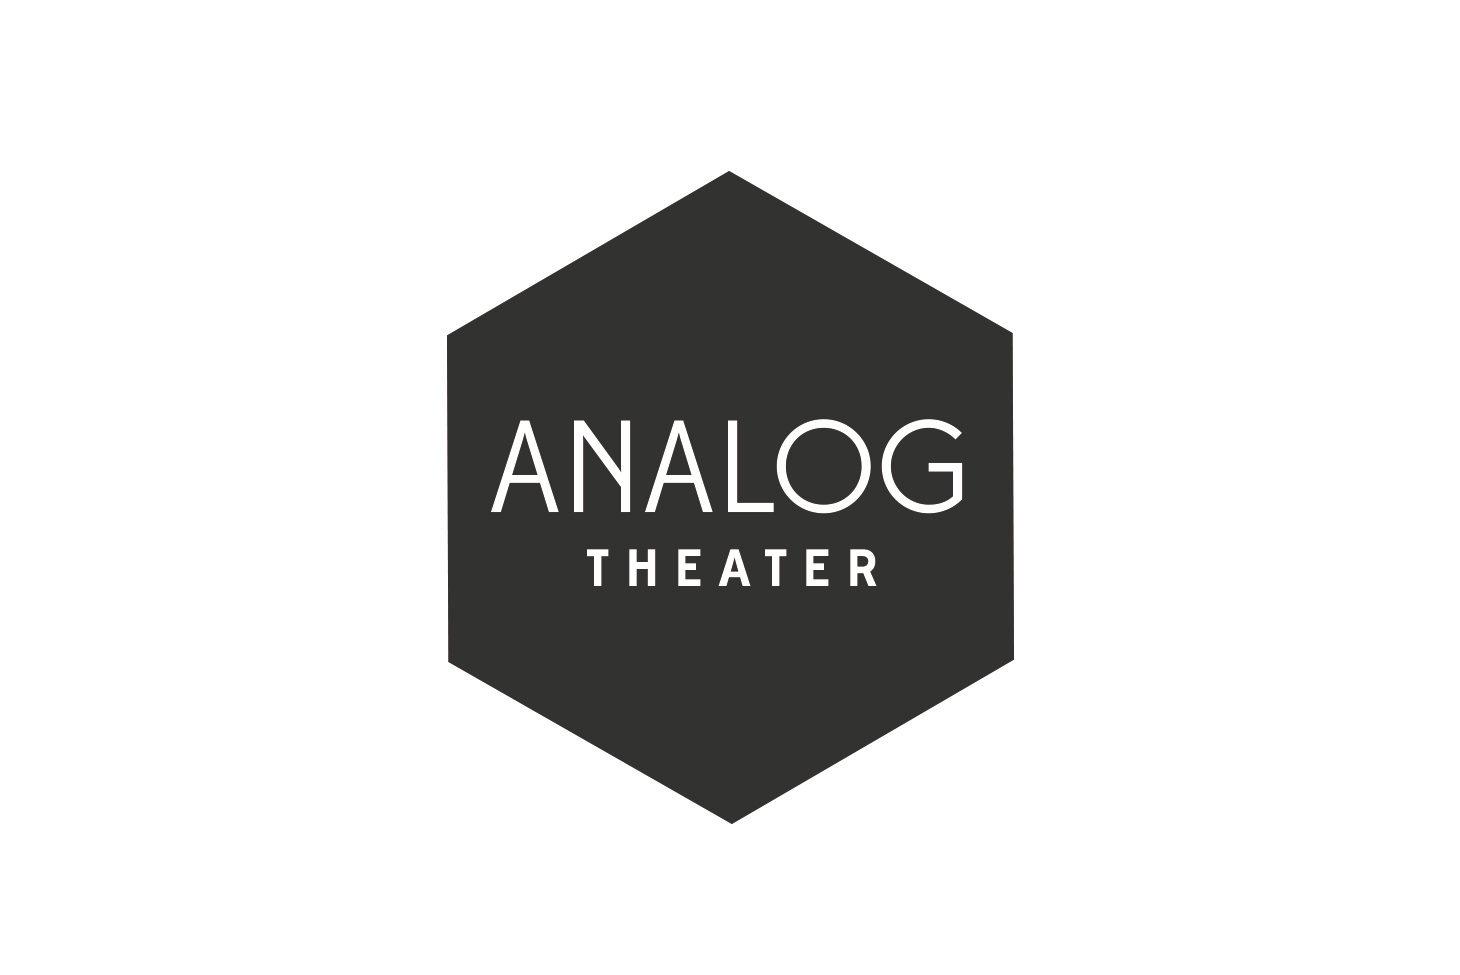 analogtheater_04